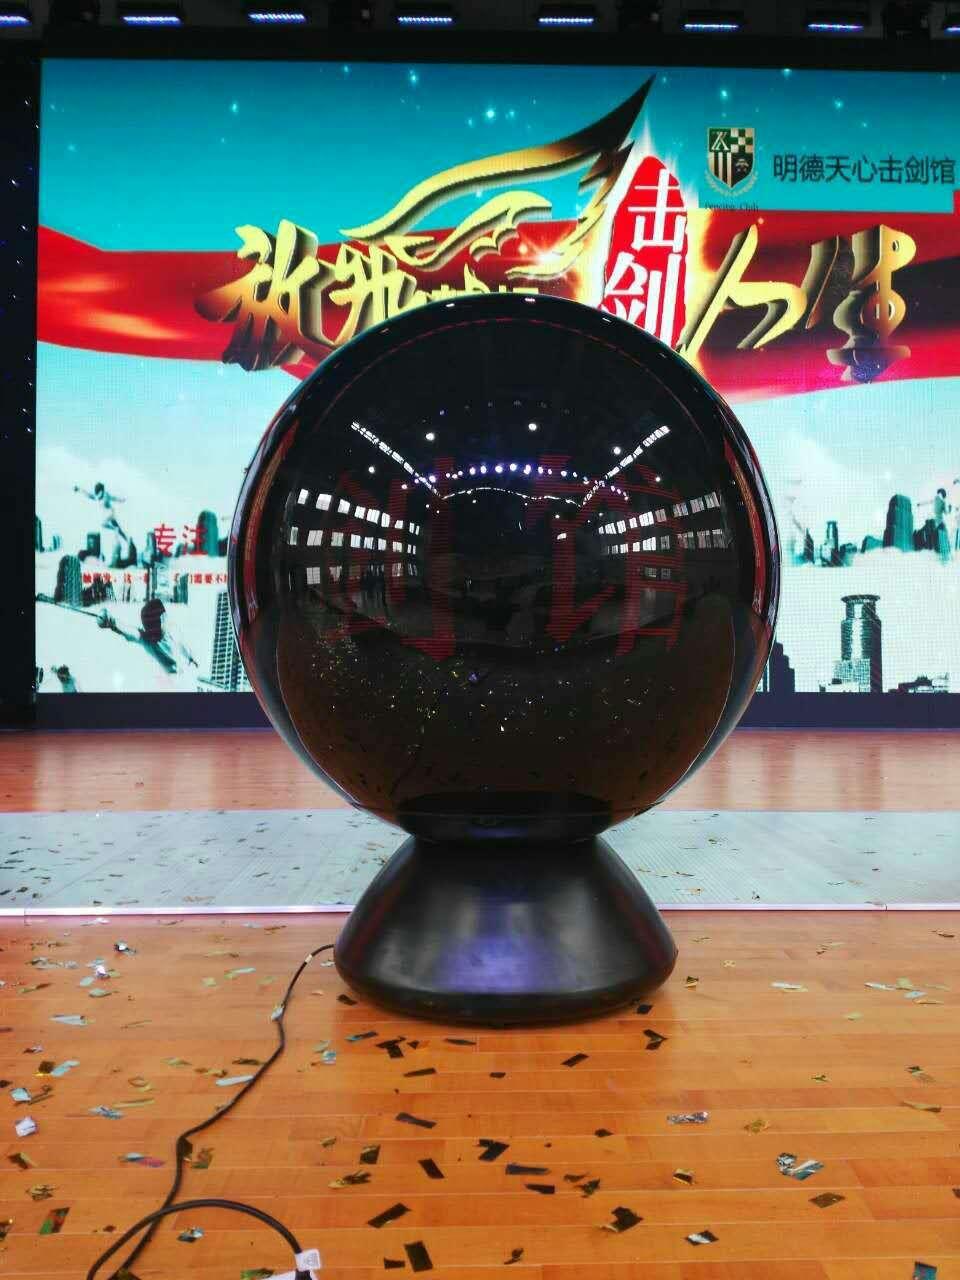 高清感应启动球 庆典开业仪式球 活动触摸球 字幕启动球 年会开幕式球型号:500169H 规格齐全